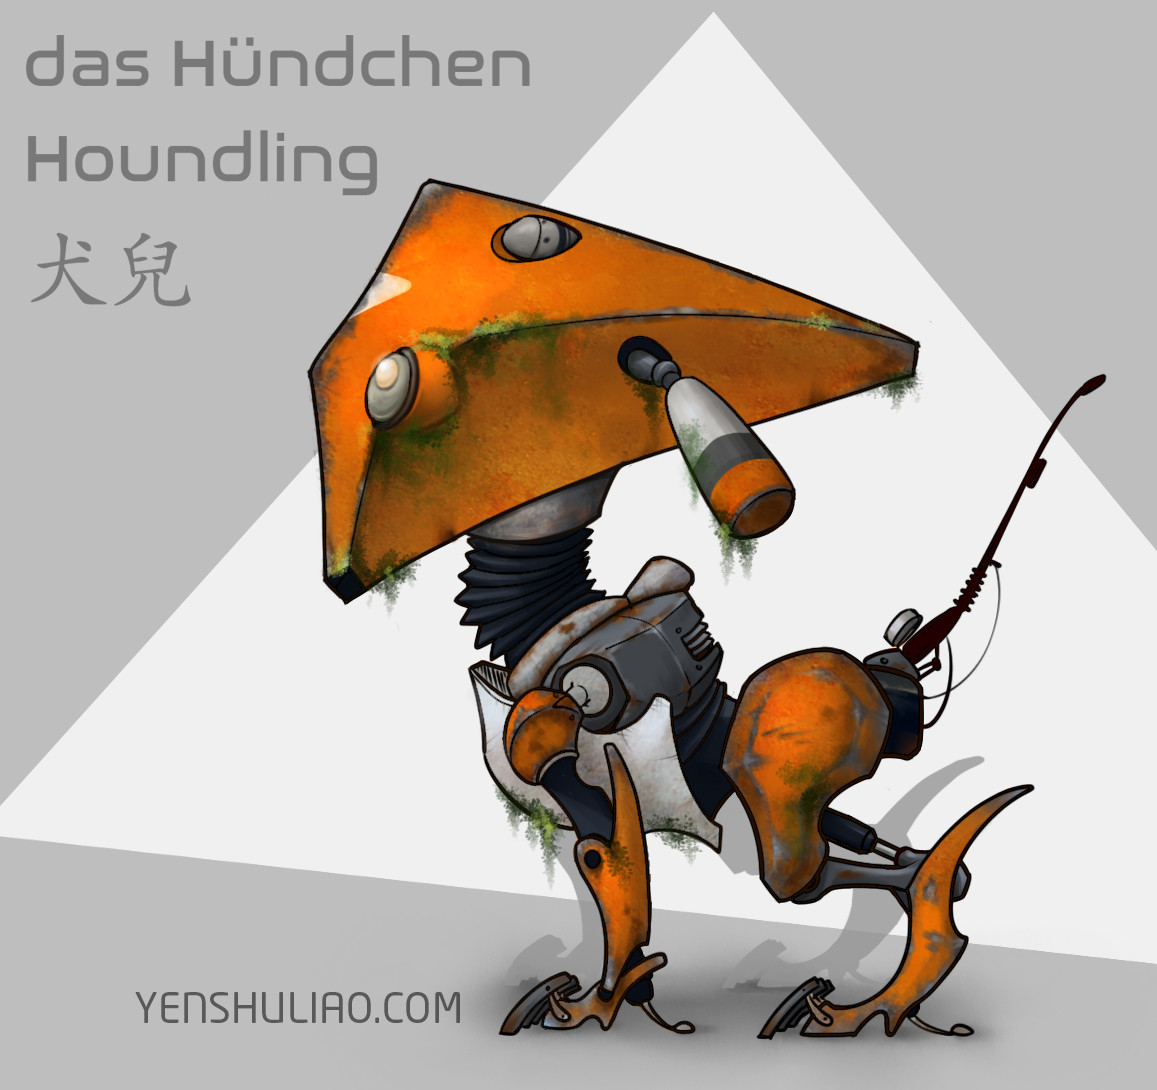 Yen shu liao mech robot concept art yenshuliao 06